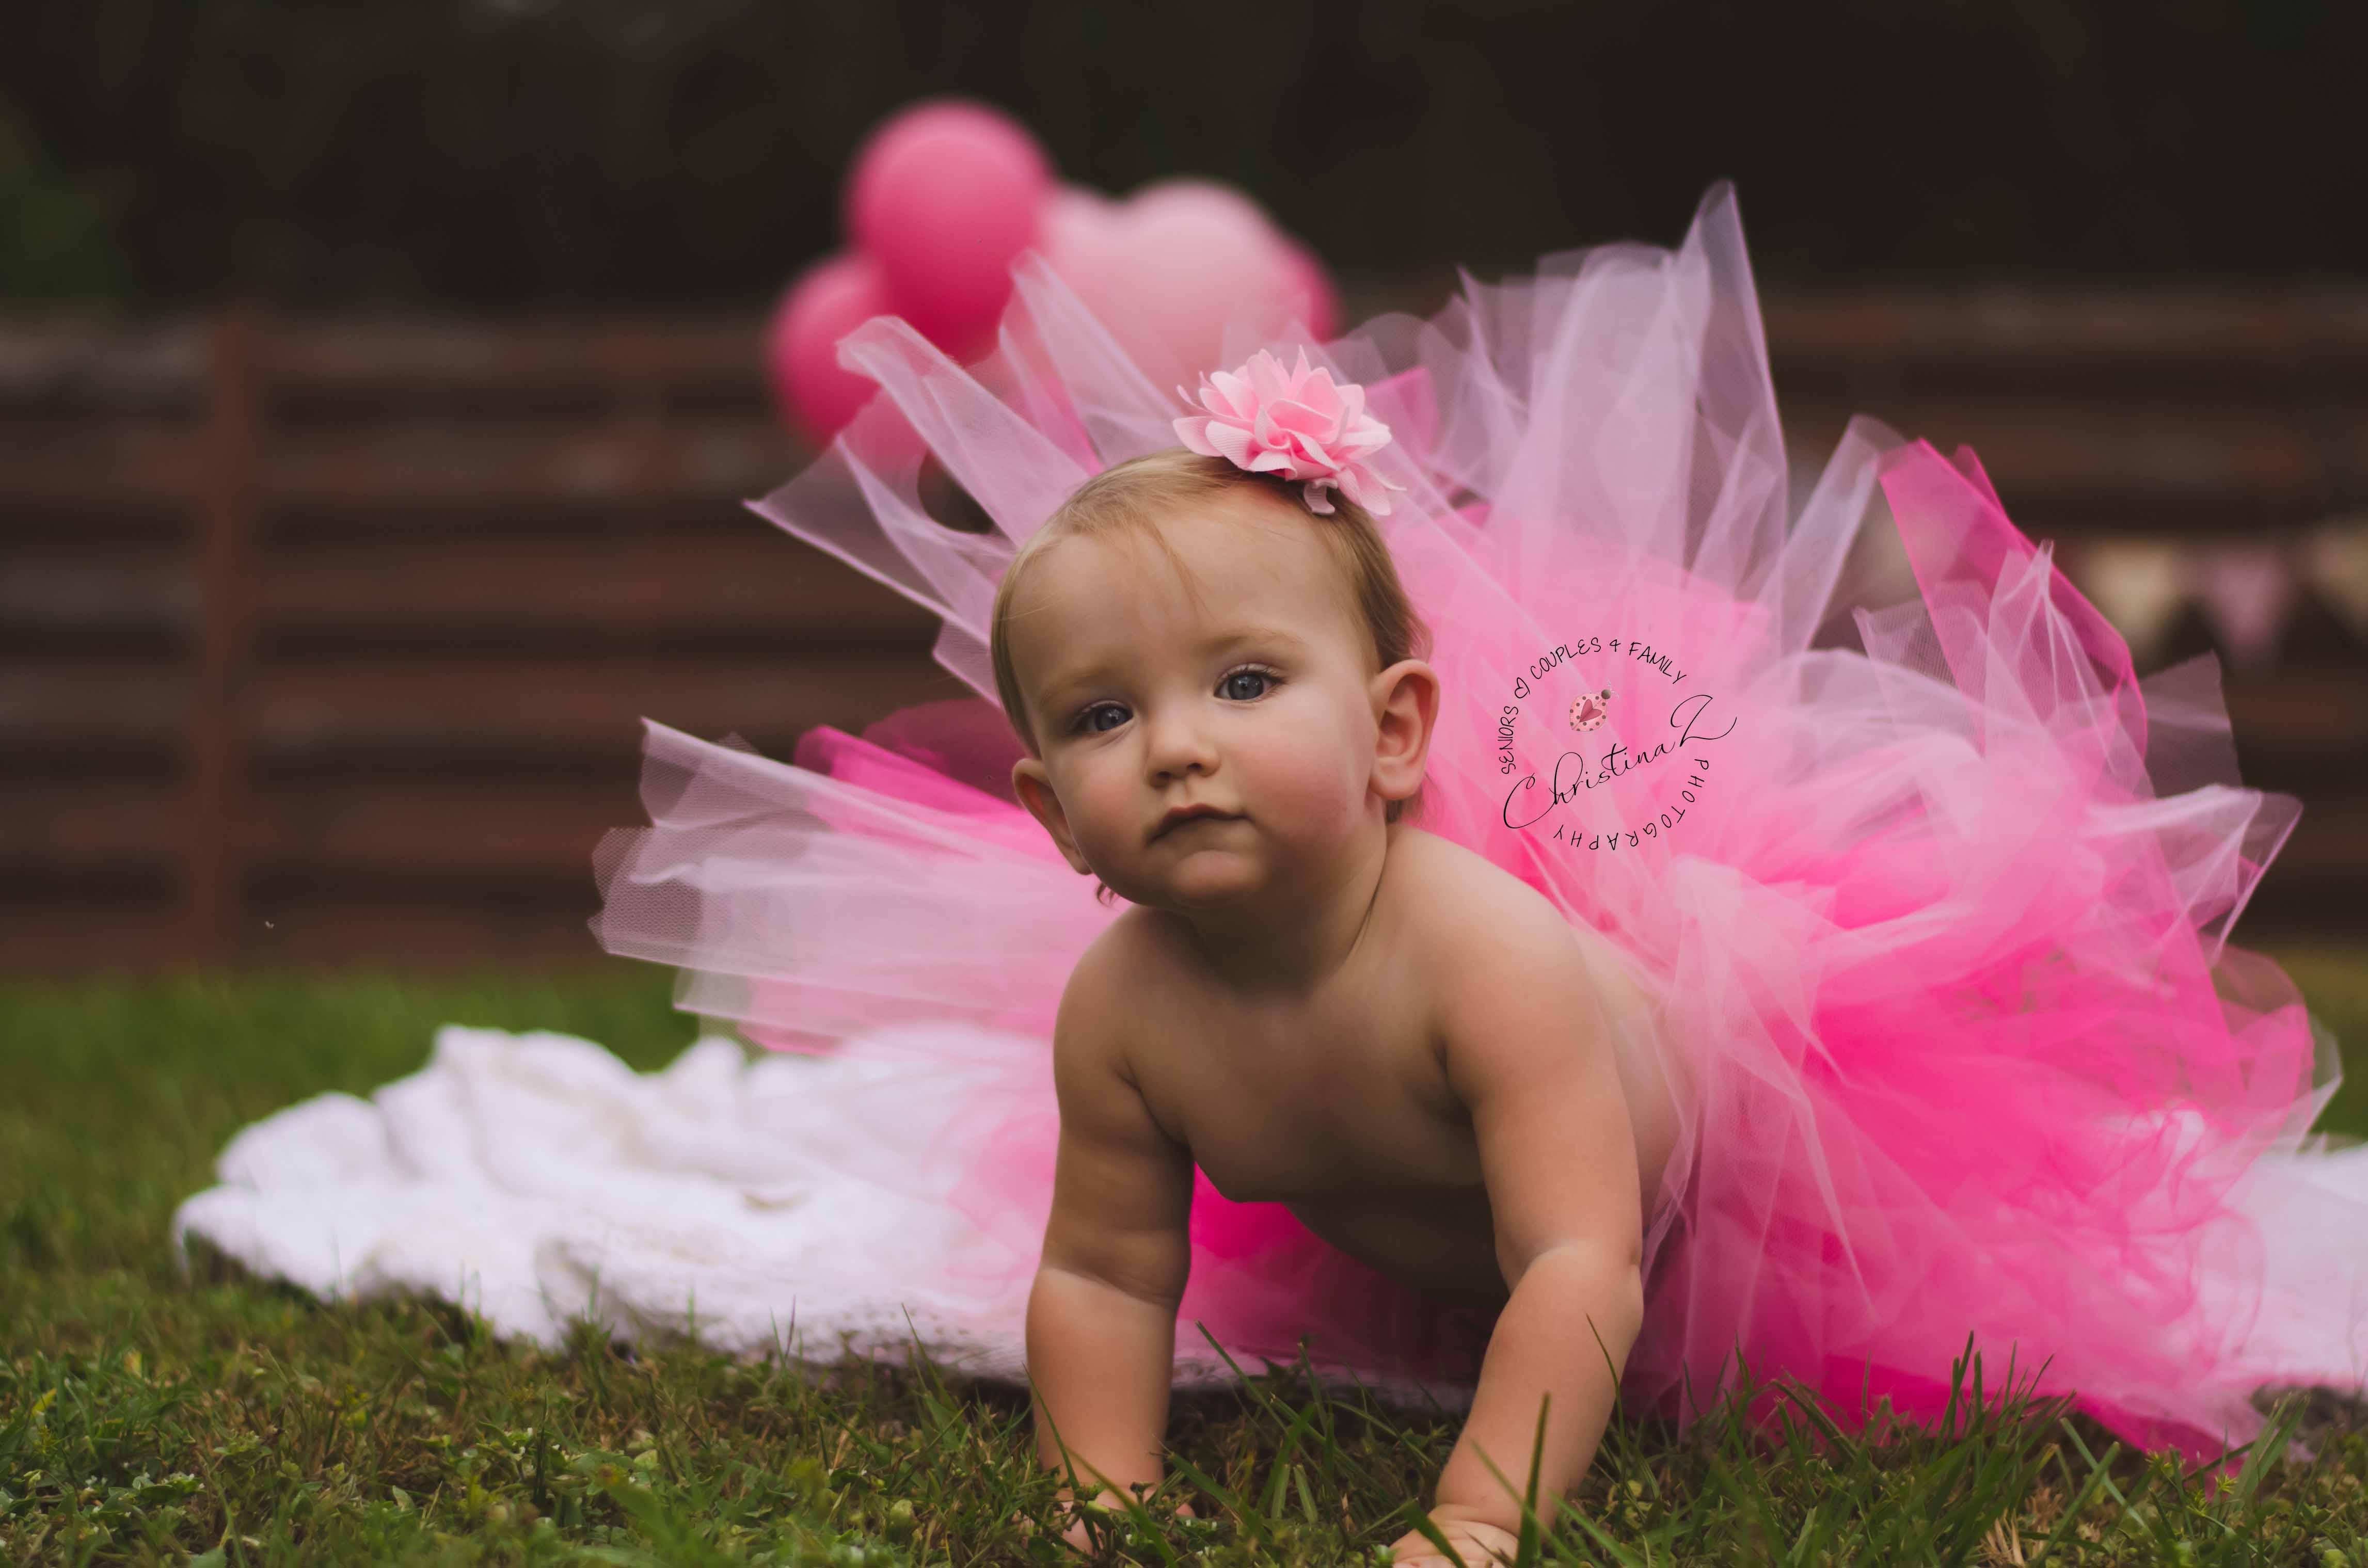 Emily's 1st Birthday Photo Session | Christina Z Photography - Bradenton, FL